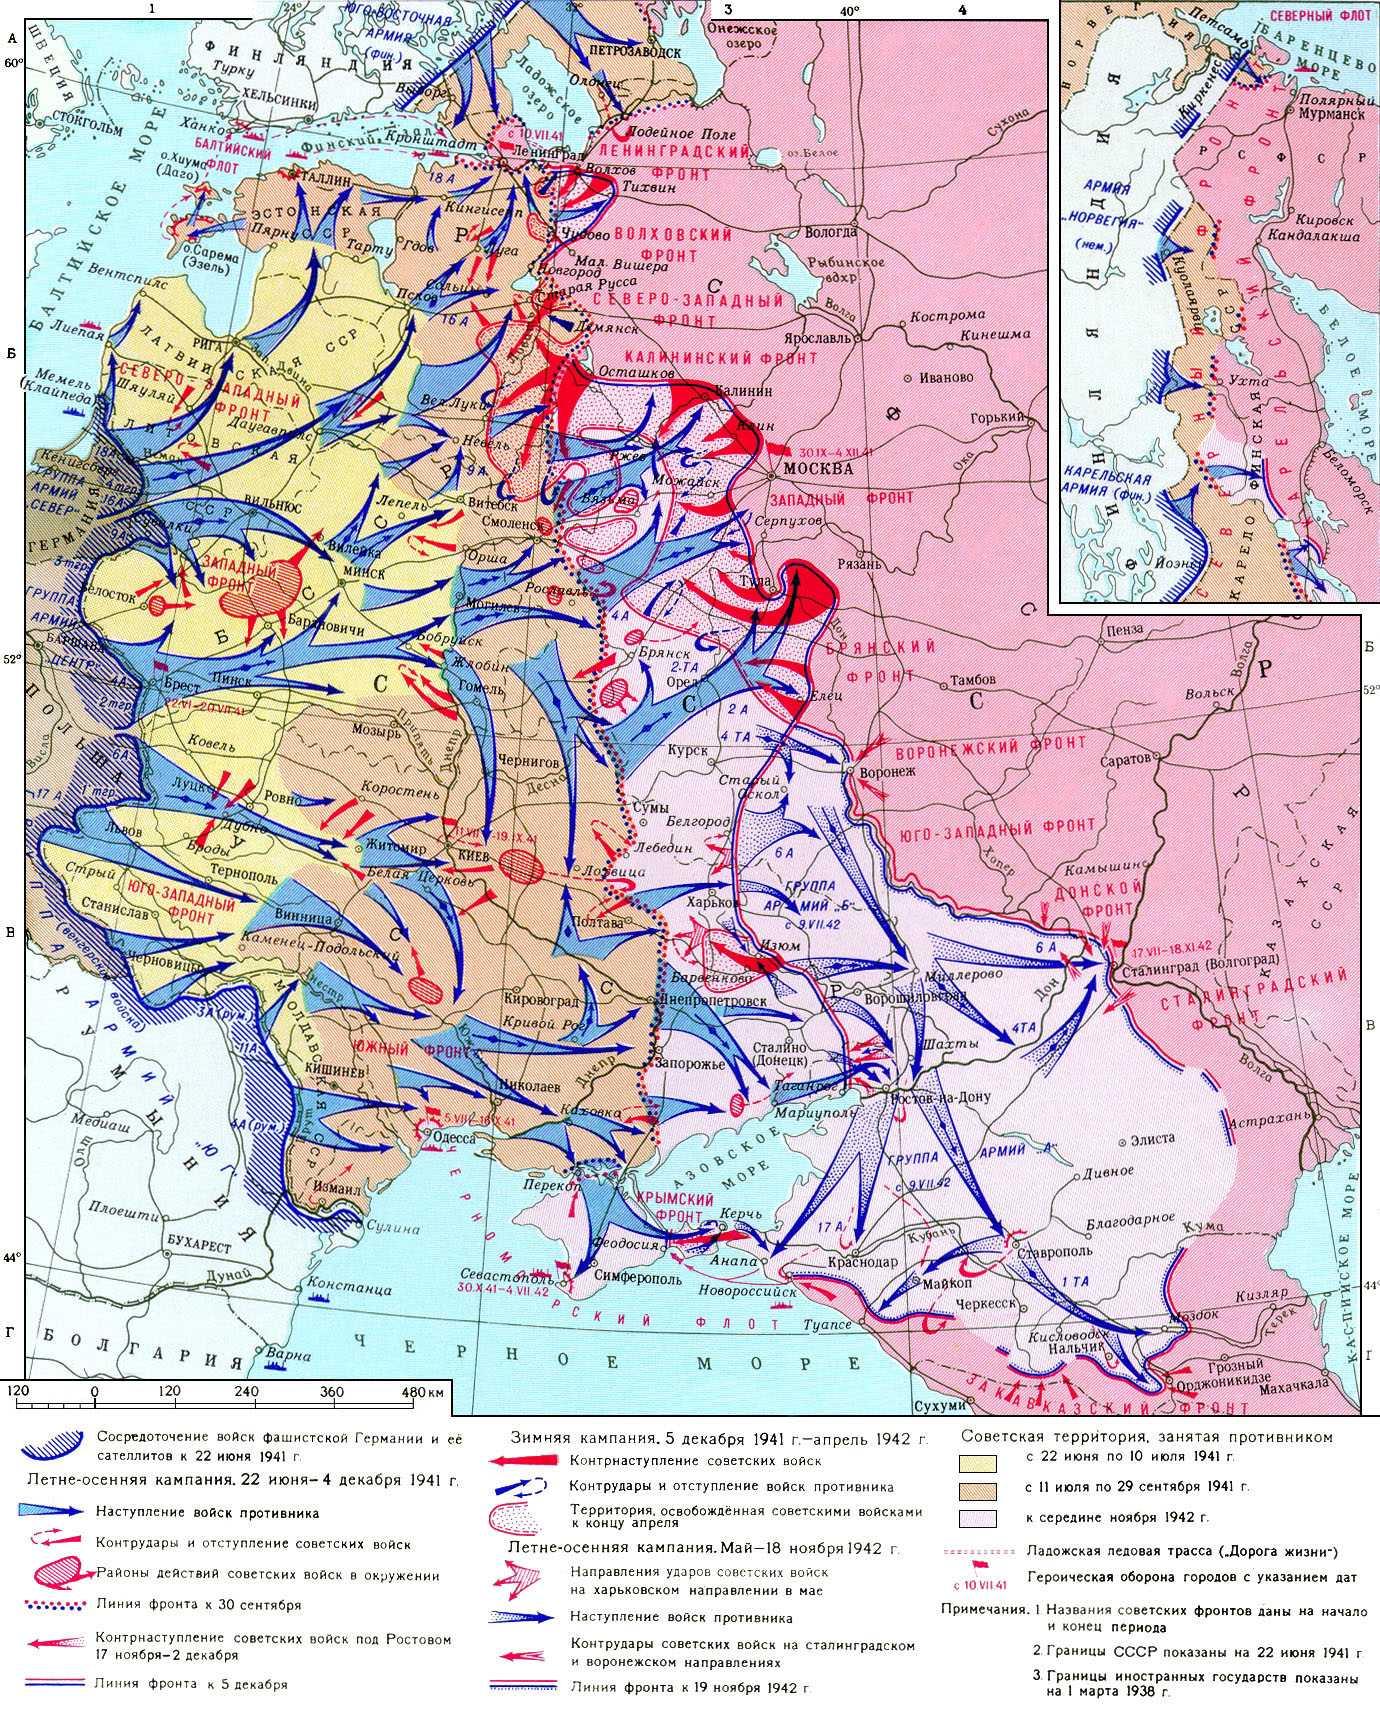 вторая мировая война западный фронт